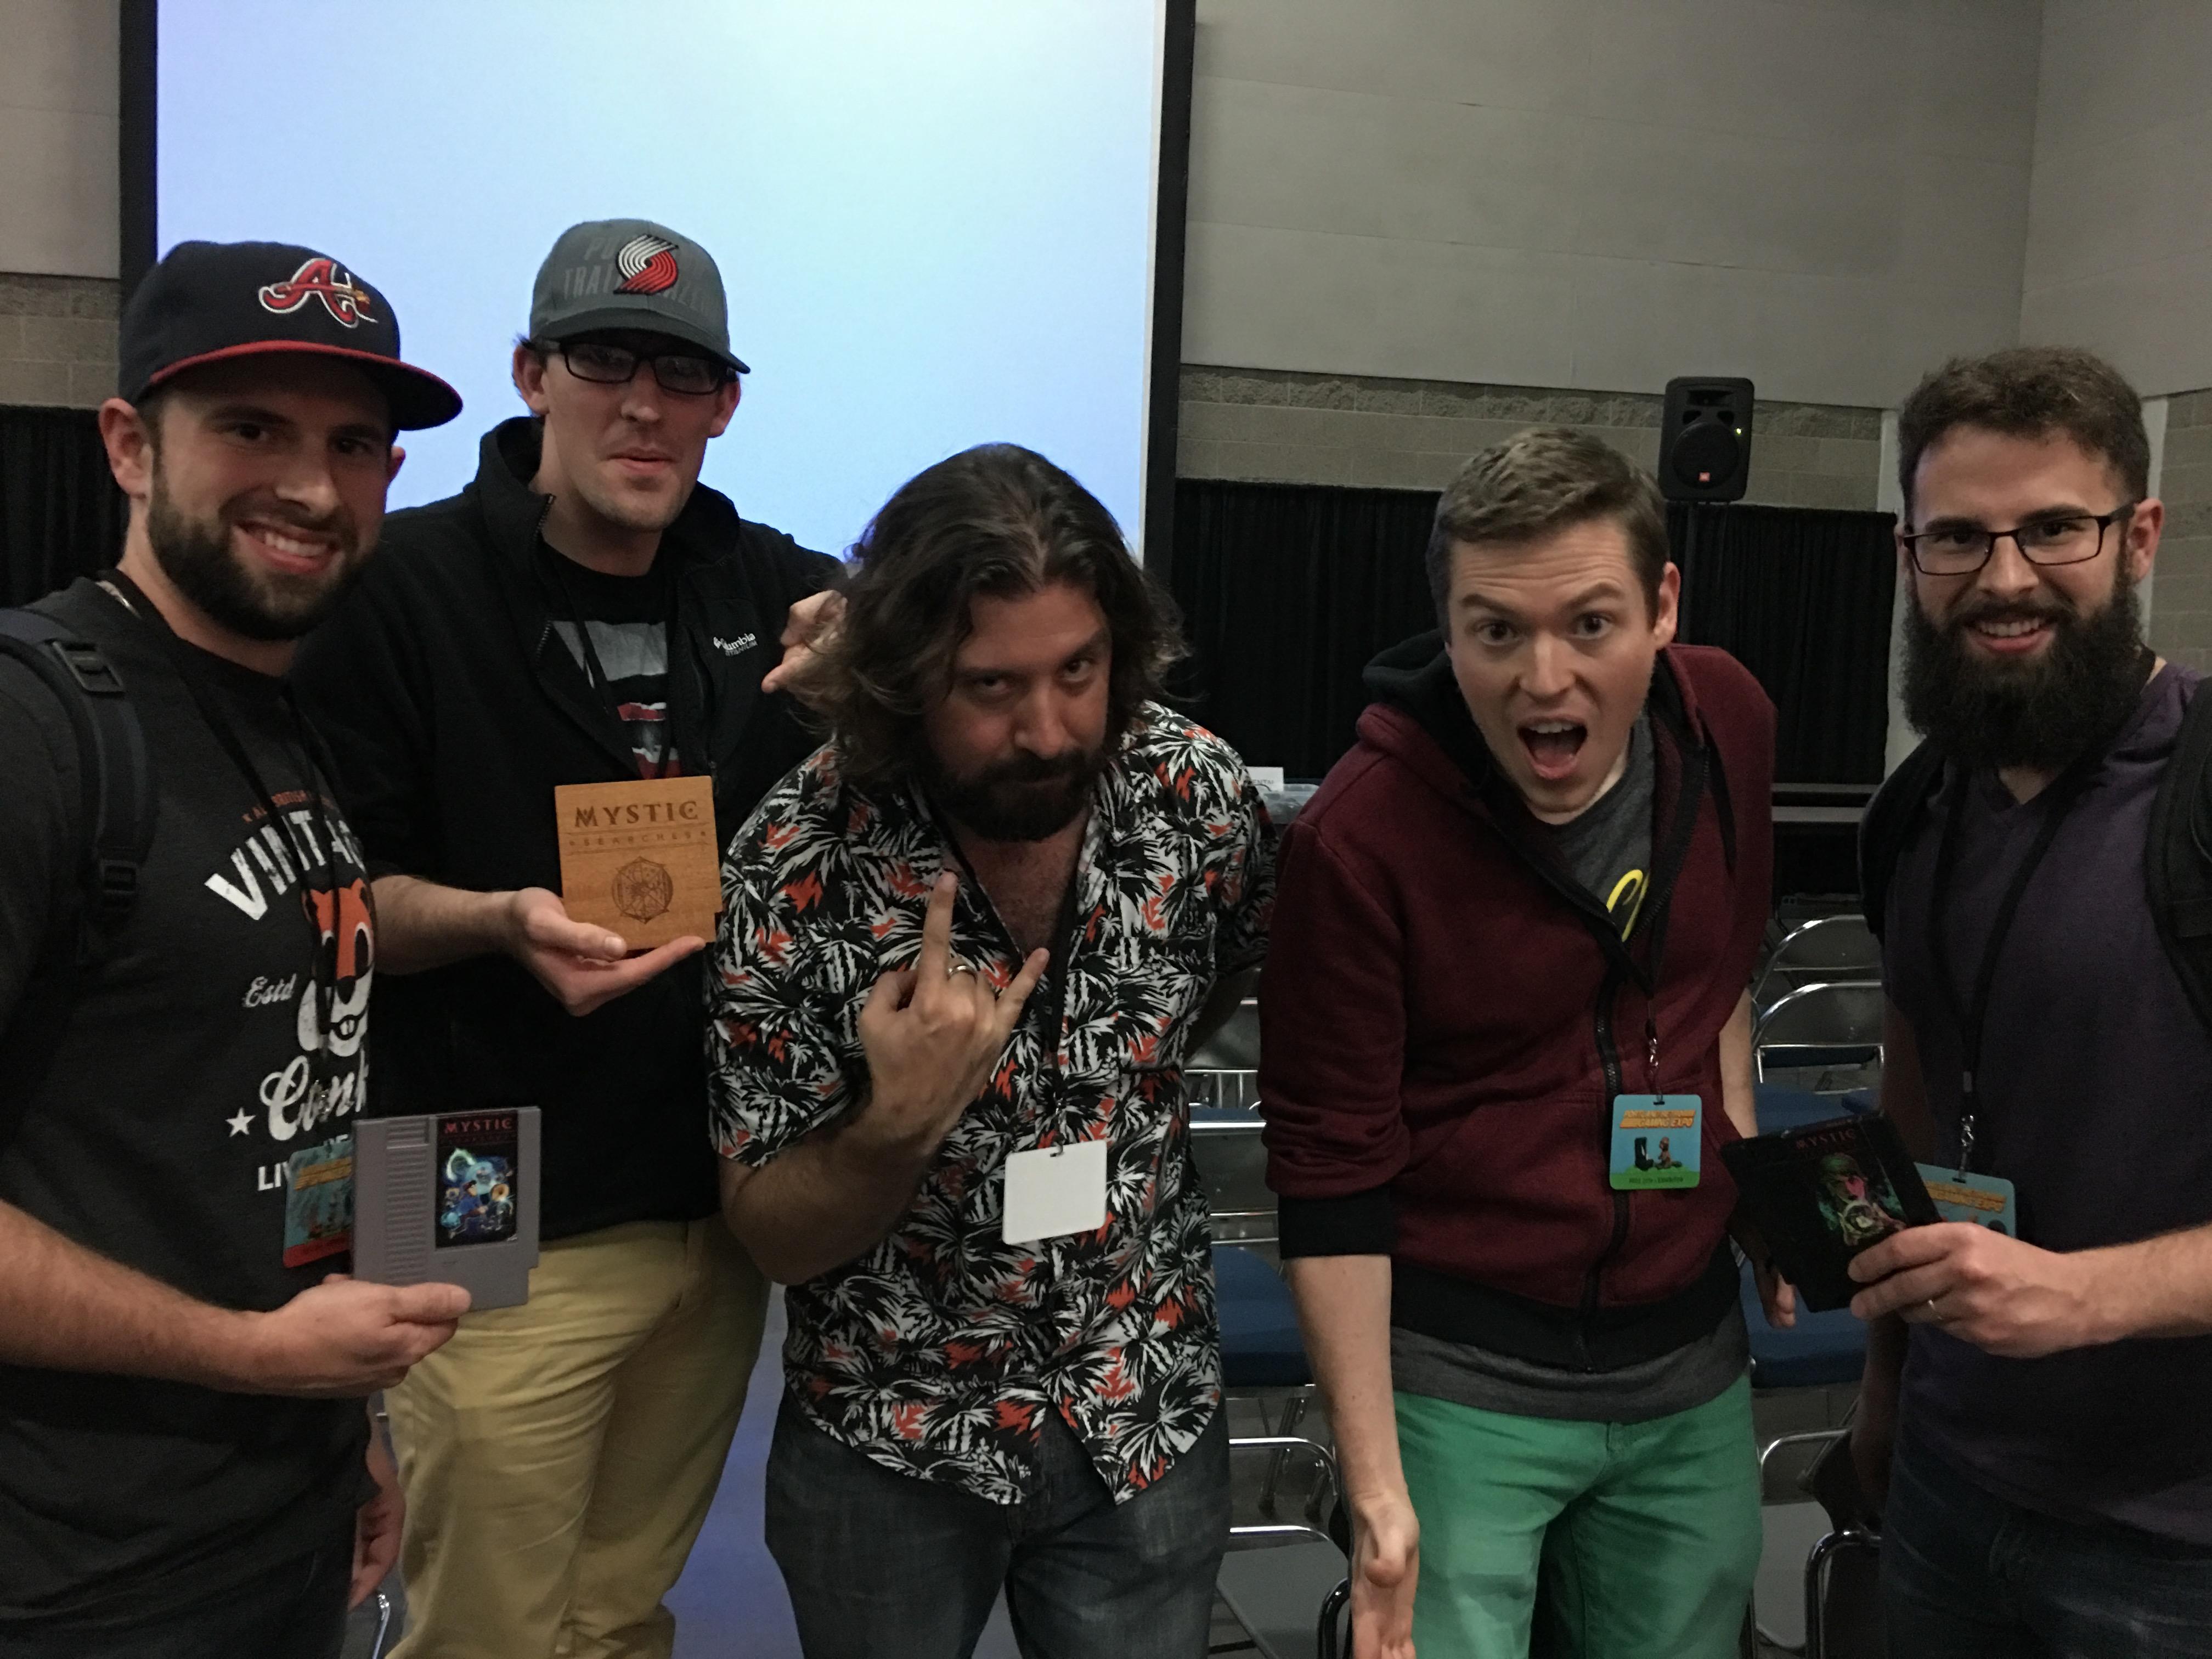 8-bit-heroes-team